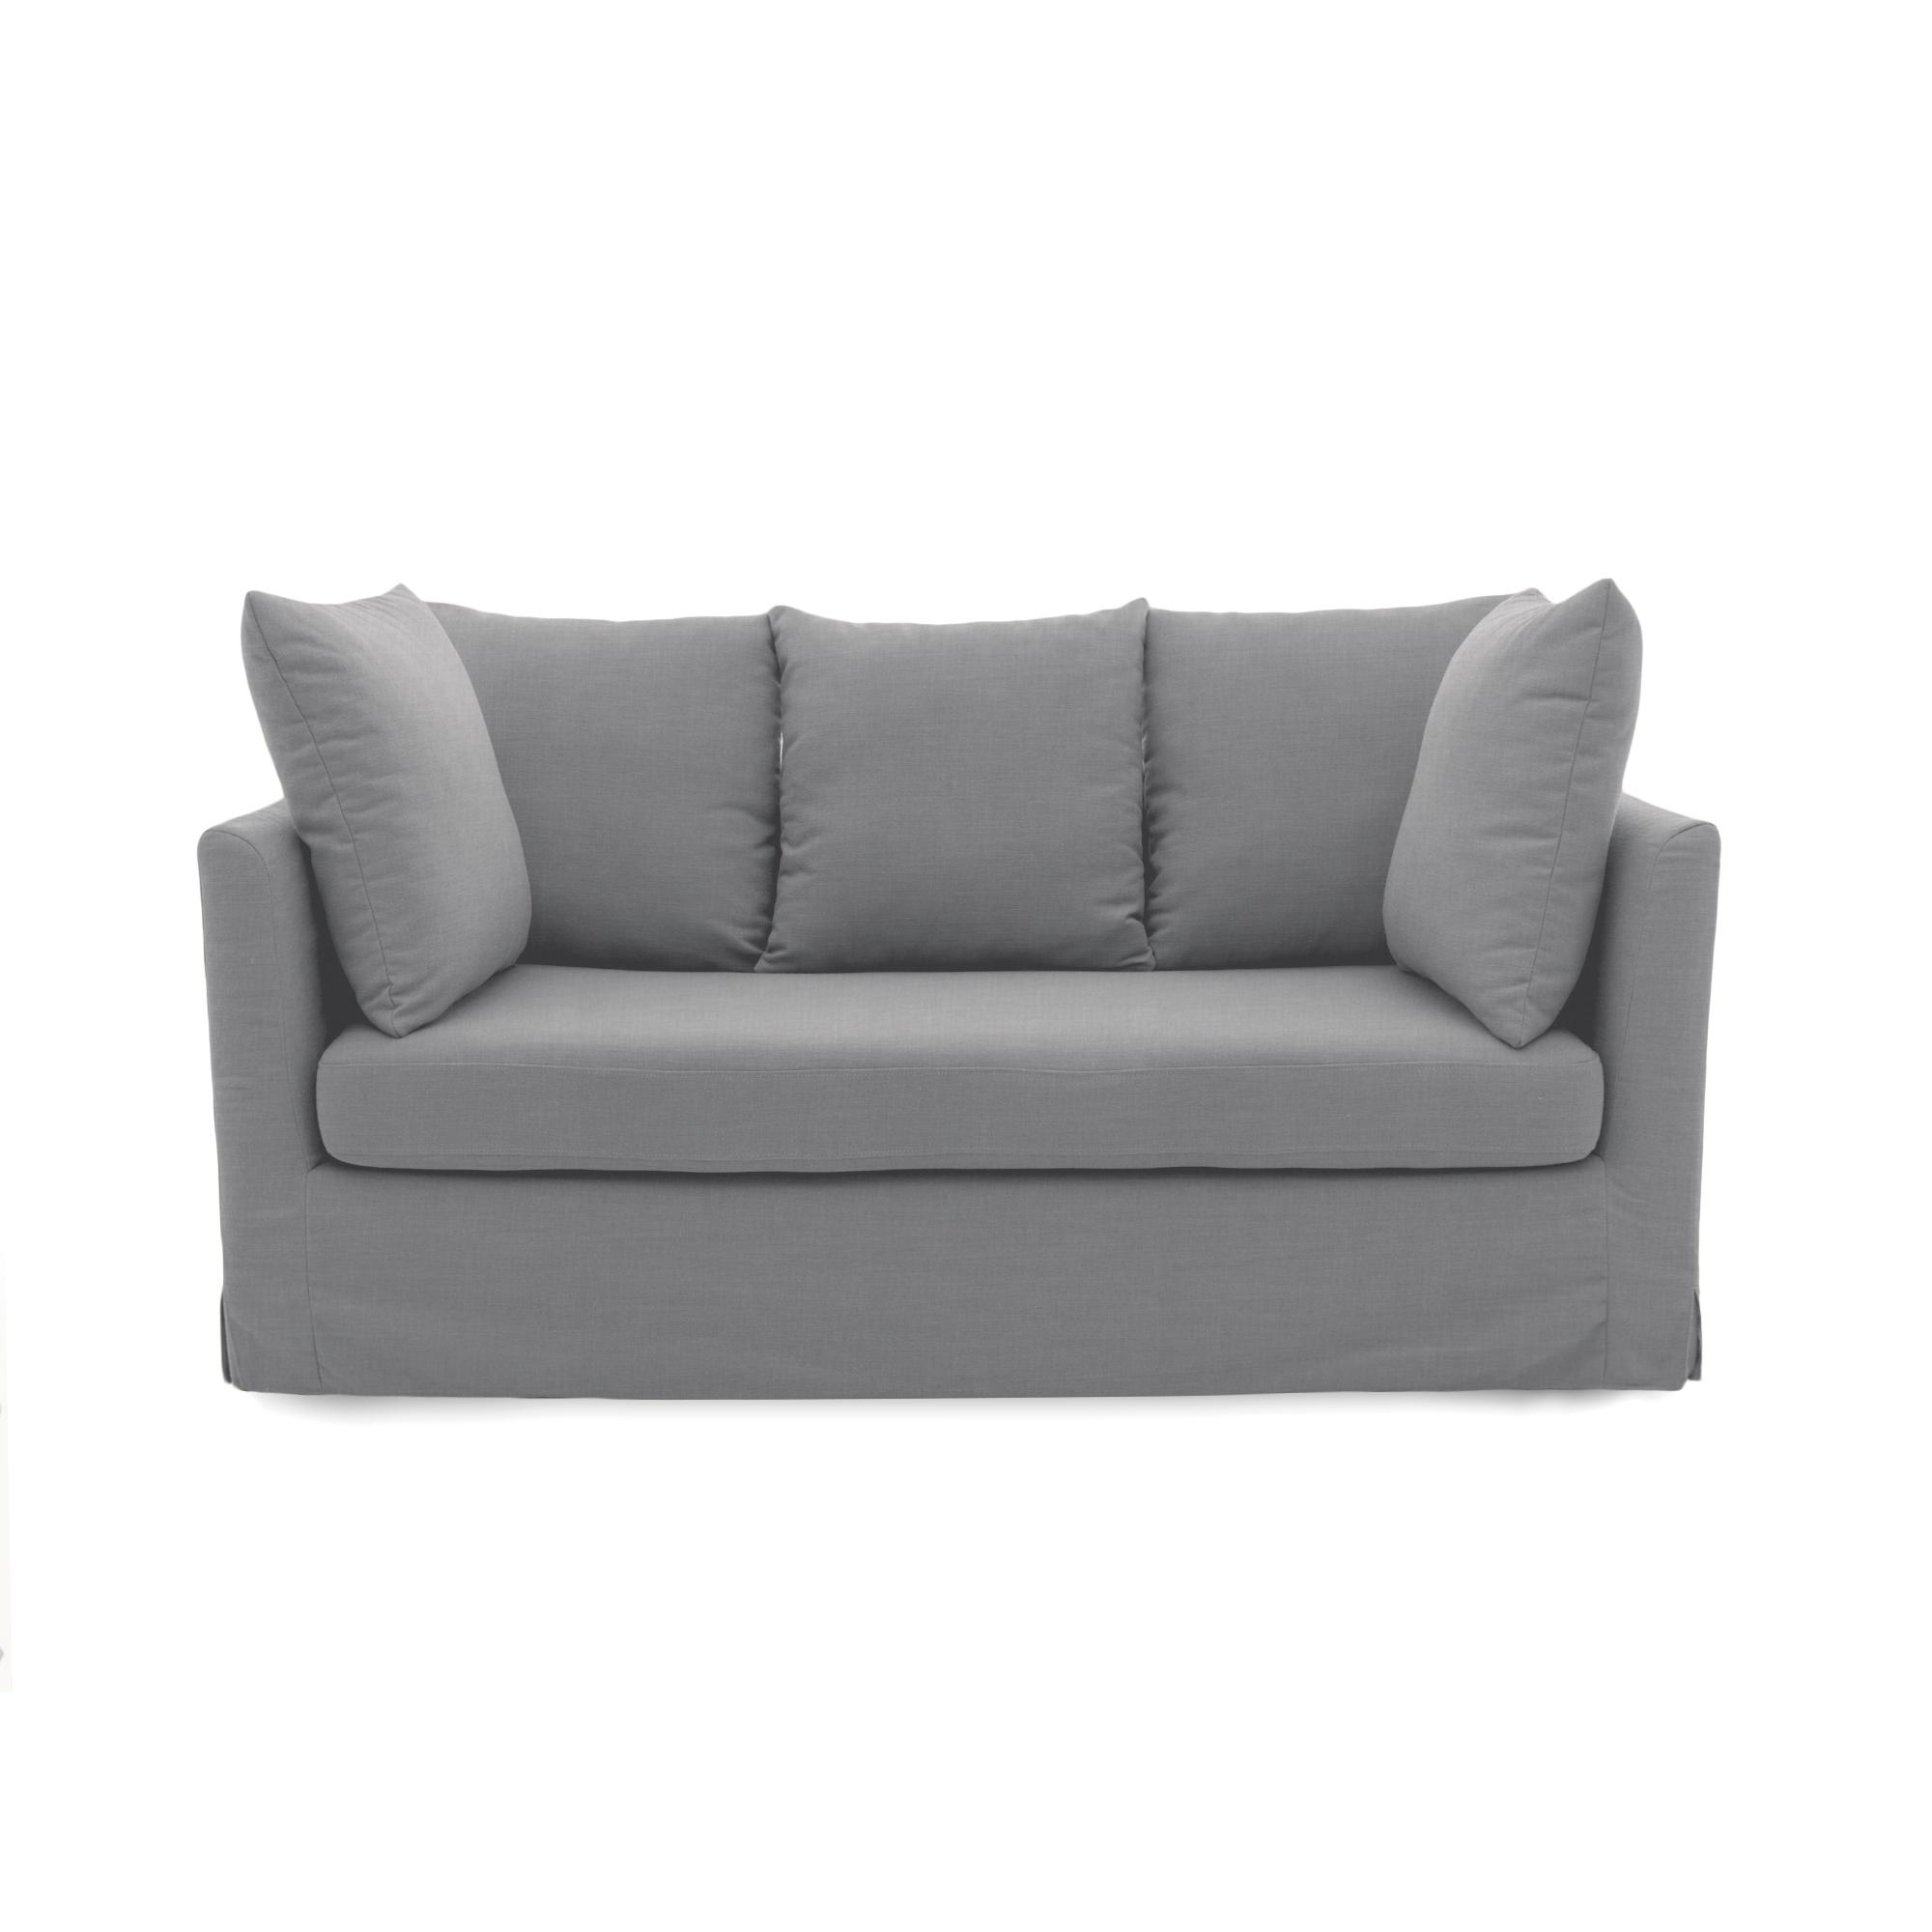 Canapea Fixa 3 locuri Coraly Light Grey